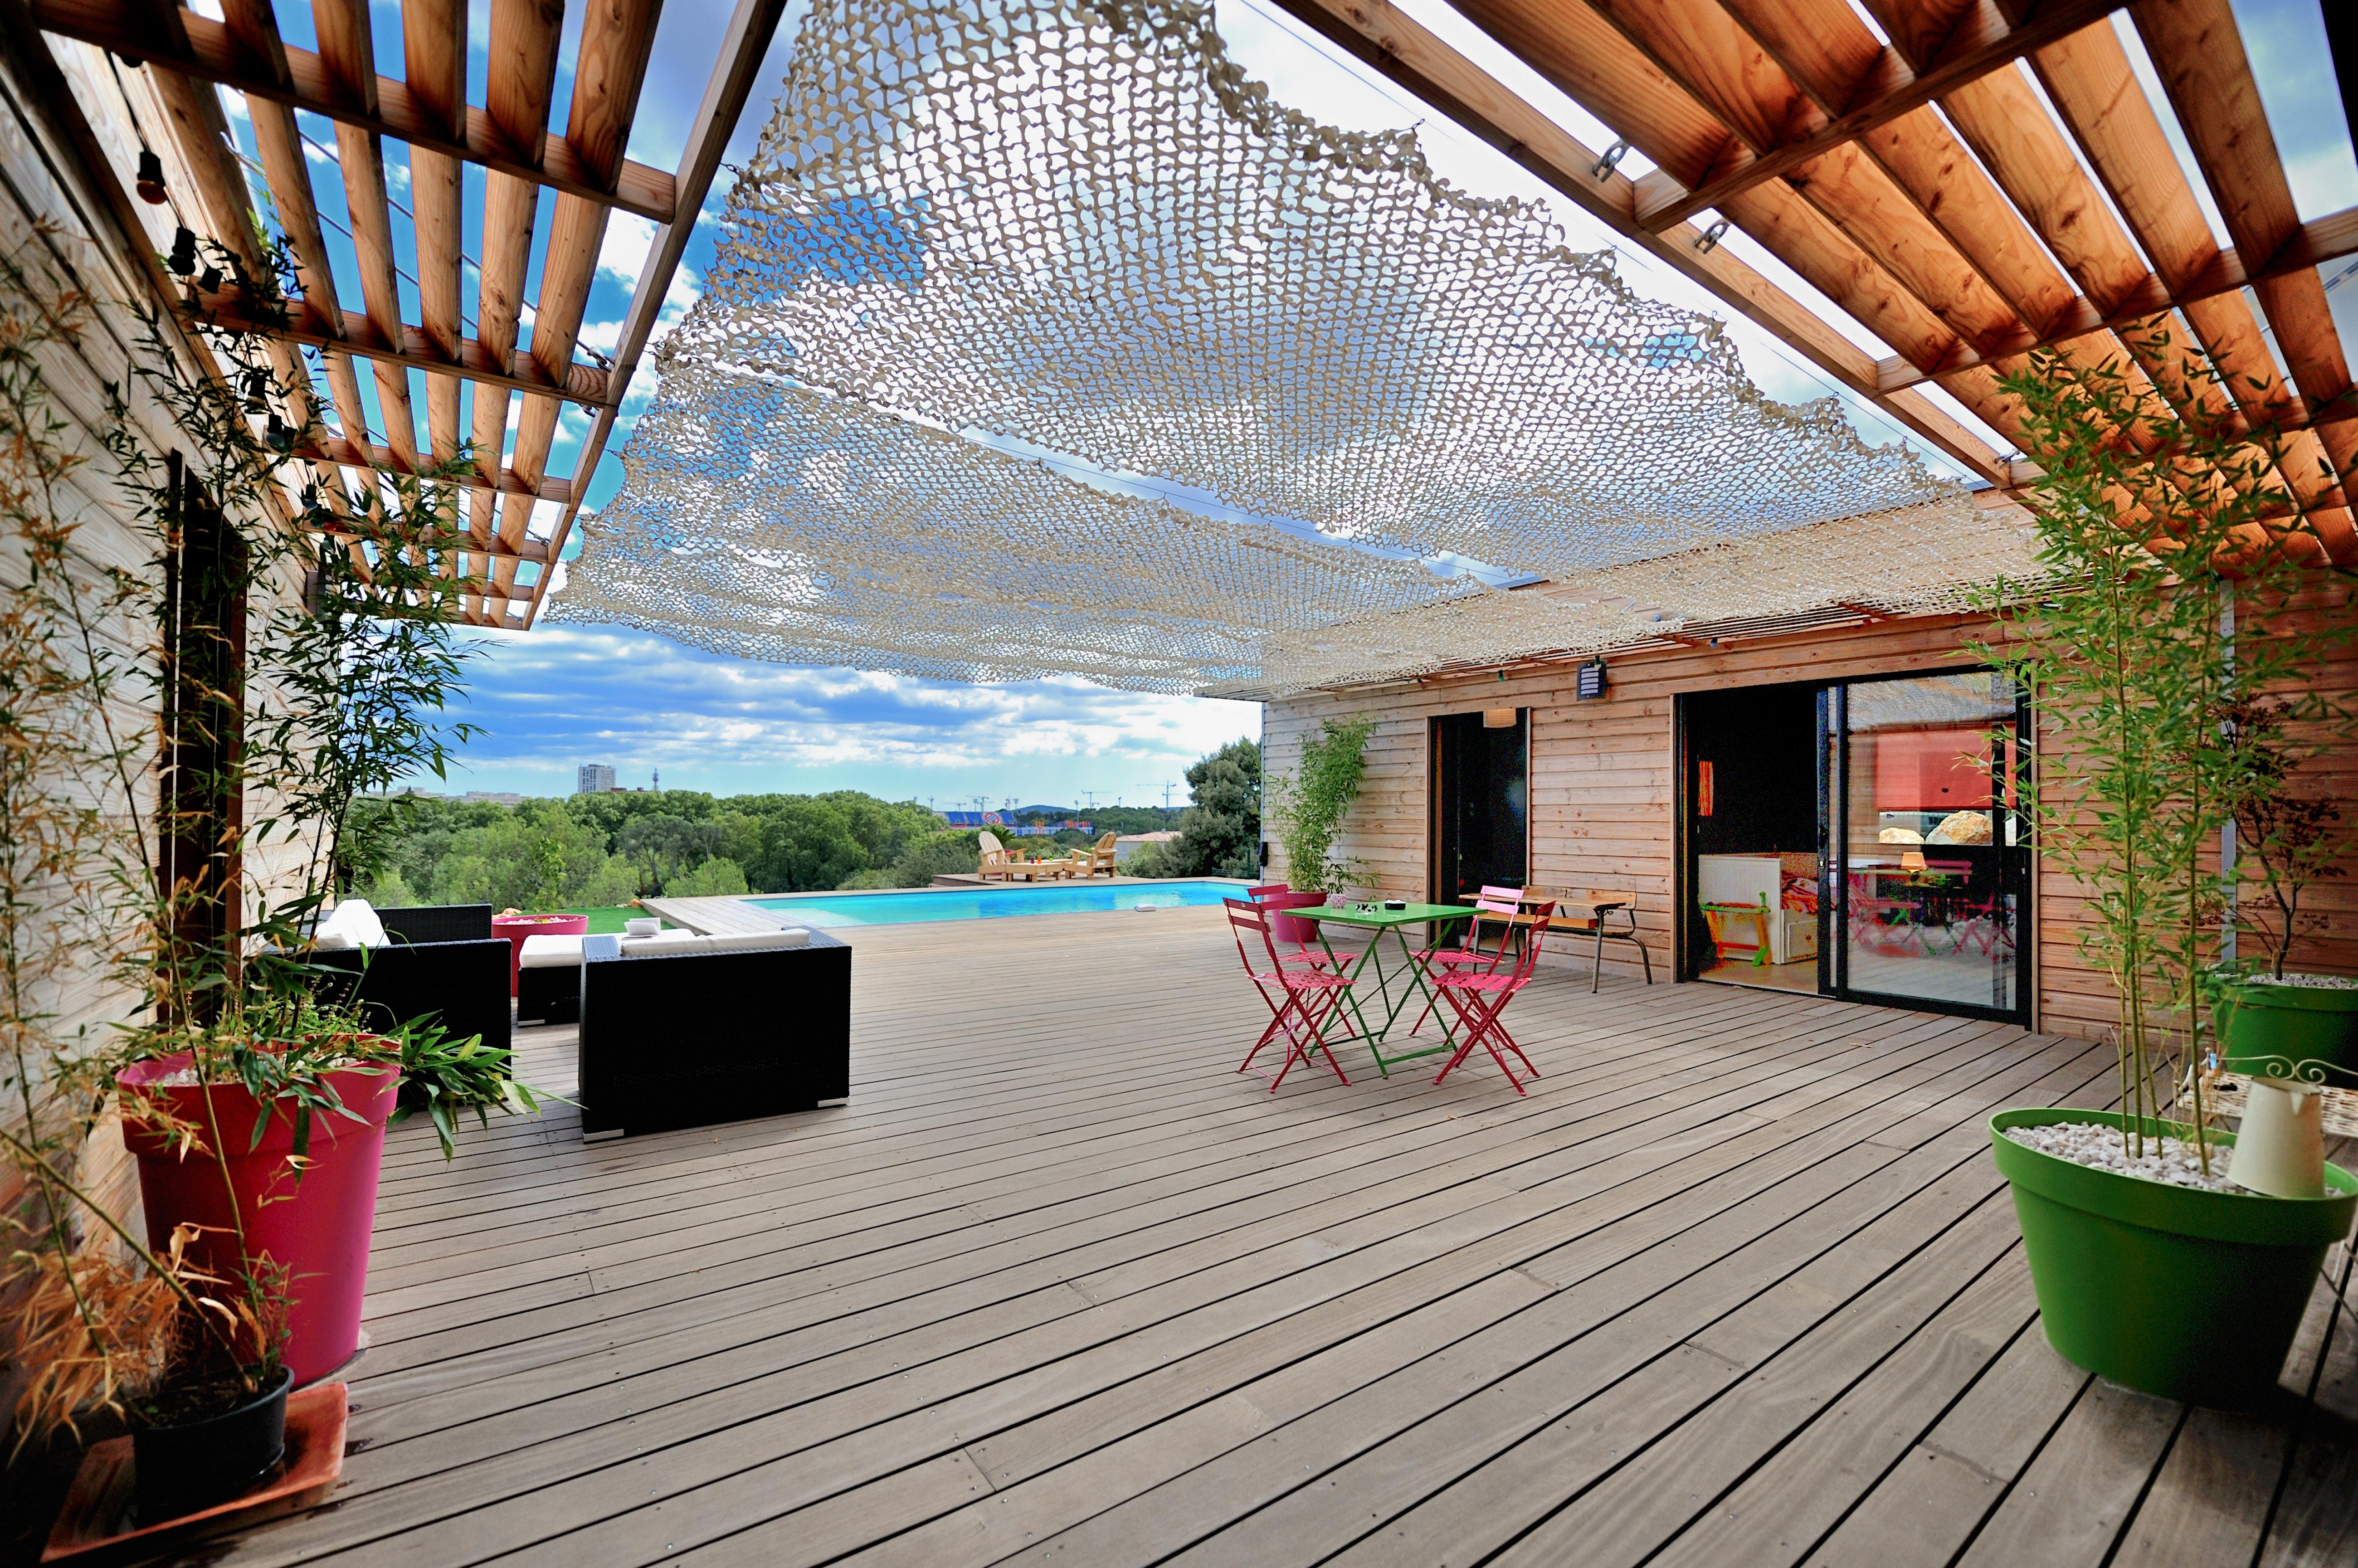 Bien Choisir Votre Abri De Terrasse tout Abris De Terrasse